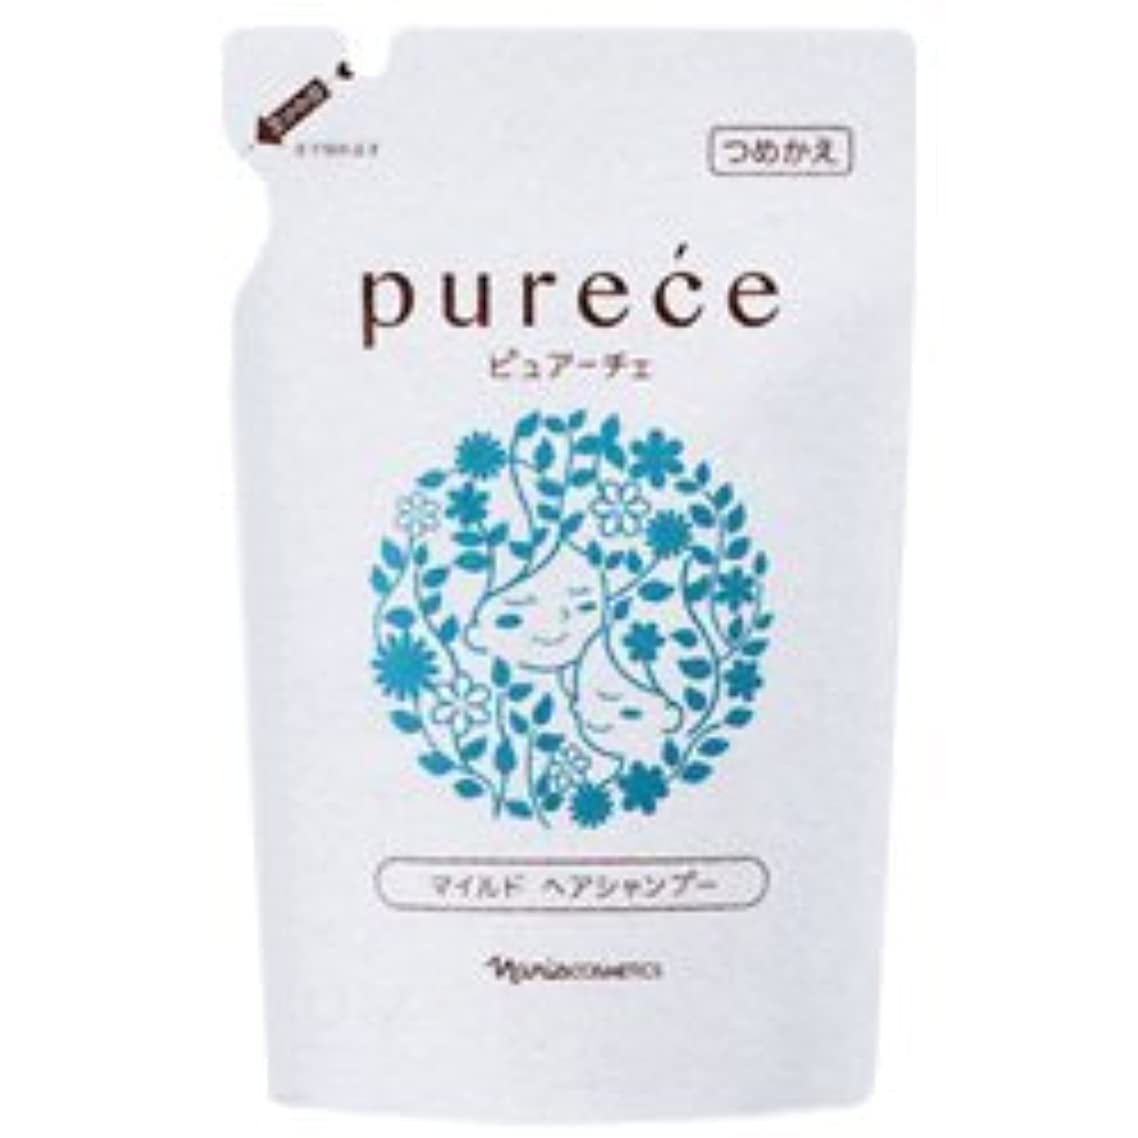 一掃する合理化バルーンナリス化粧品 ピュアーチェ(PURECE) マイルドヘアシャンプーLS カエ 450ml [レフィル]